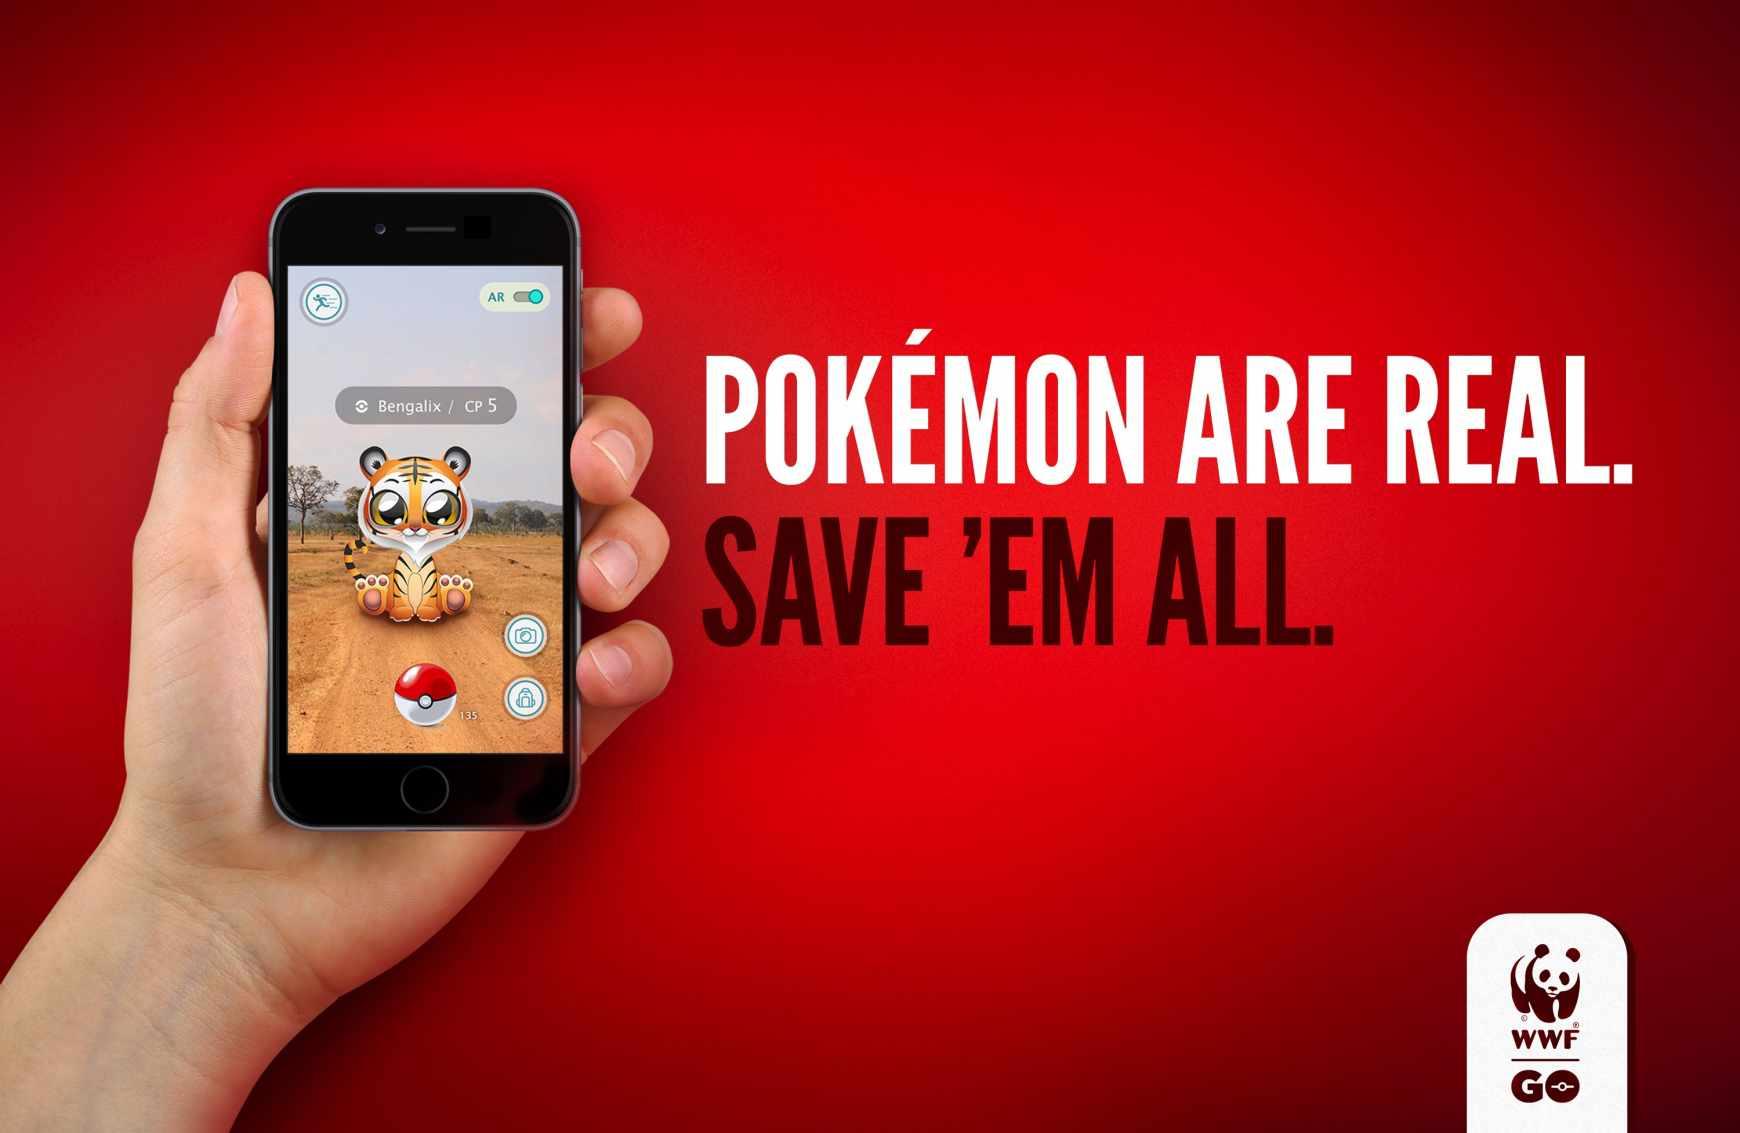 Pokémon GO vs. WWF